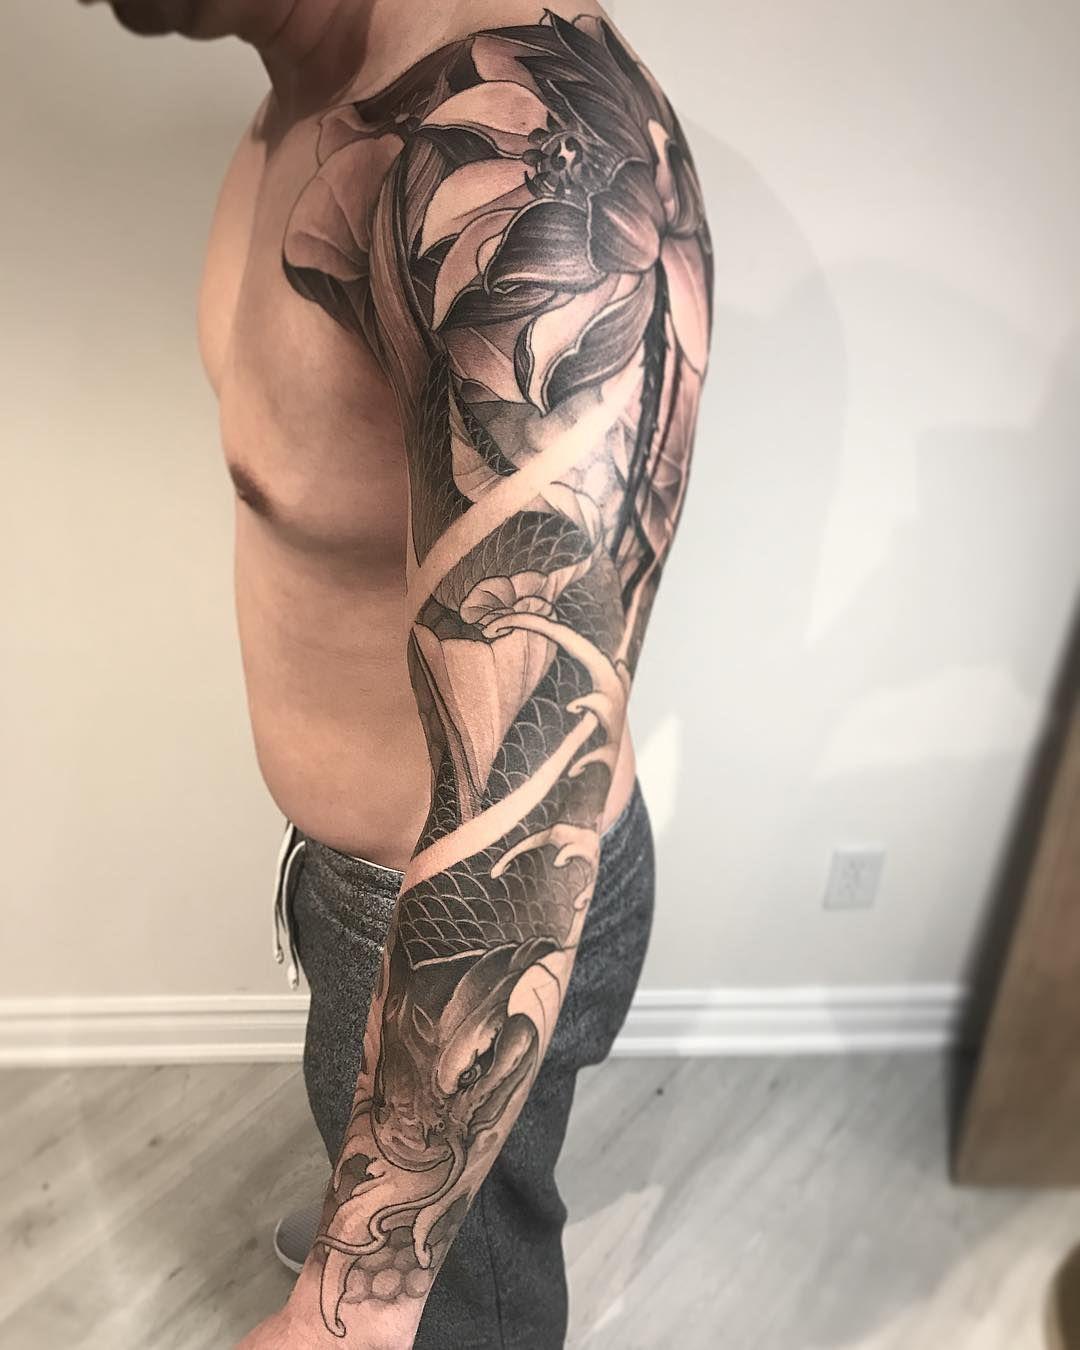 79 Koi Fish Tattoos Ideas August 2020 Sleeve Tattoos Japanese Tattoo Koi Tattoo Sleeve